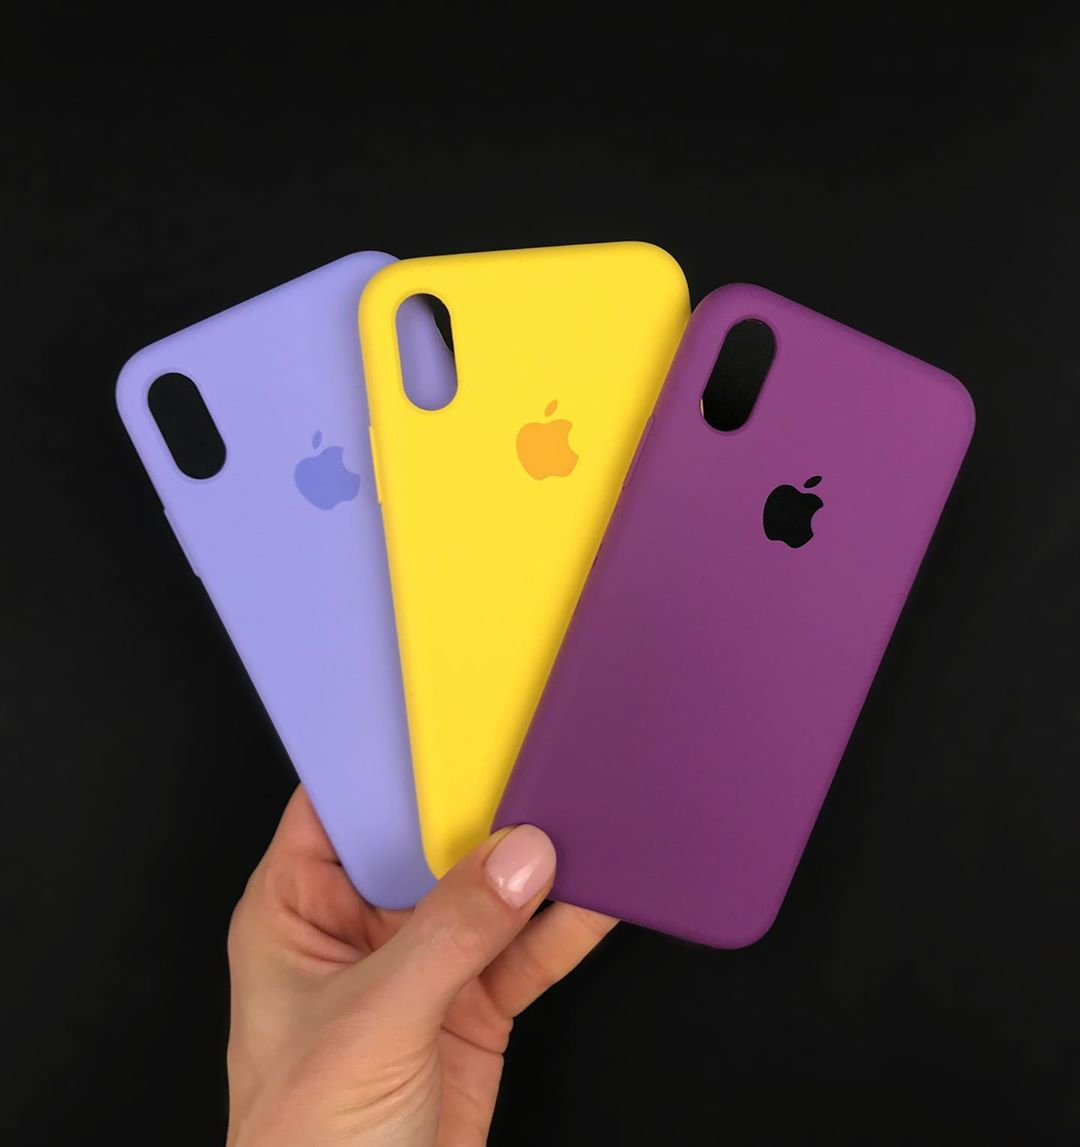 Iphone Case For Iphone 11 Pro Max Plus Cover Luxury Original Soft